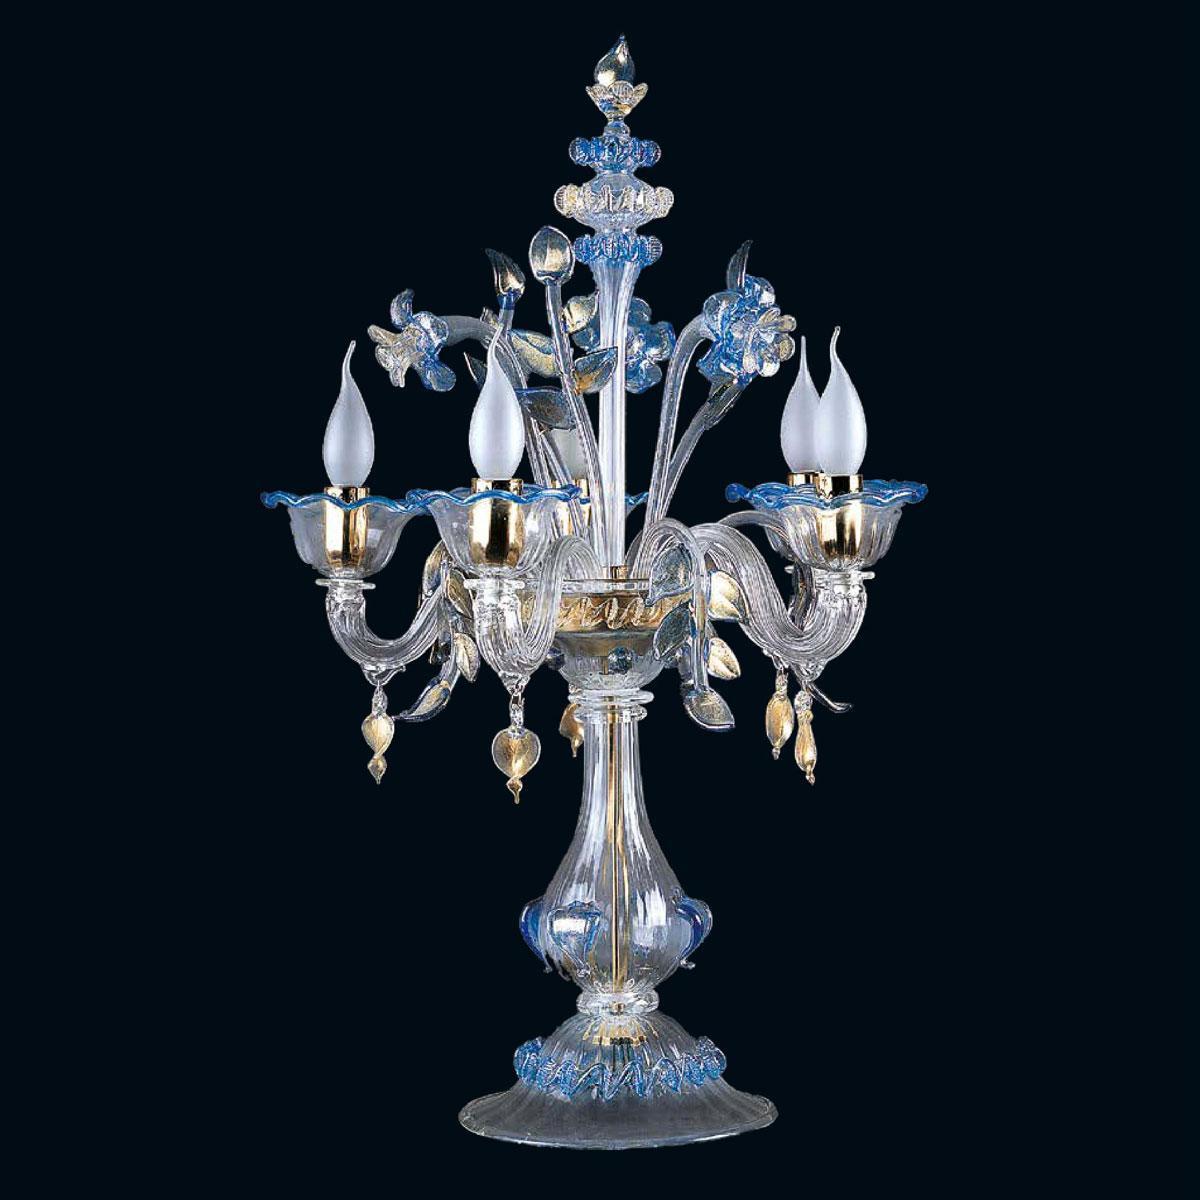 """""""Loralee"""" Murano tischleuchte - 5 flammig - transparent, blau und gold"""